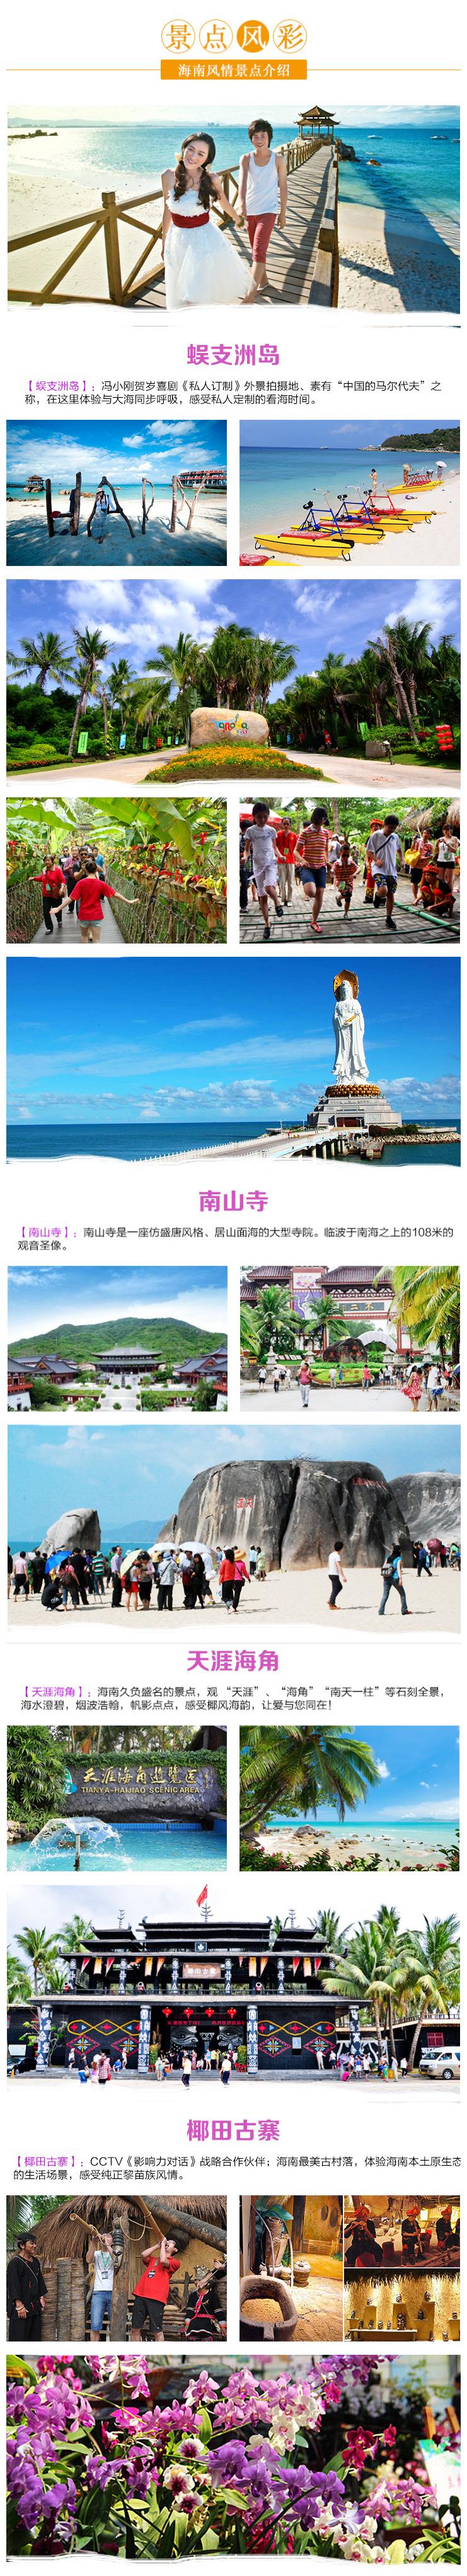 【零听海】直飞海南三亚蜈支洲岛,亚龙湾国际玫瑰谷